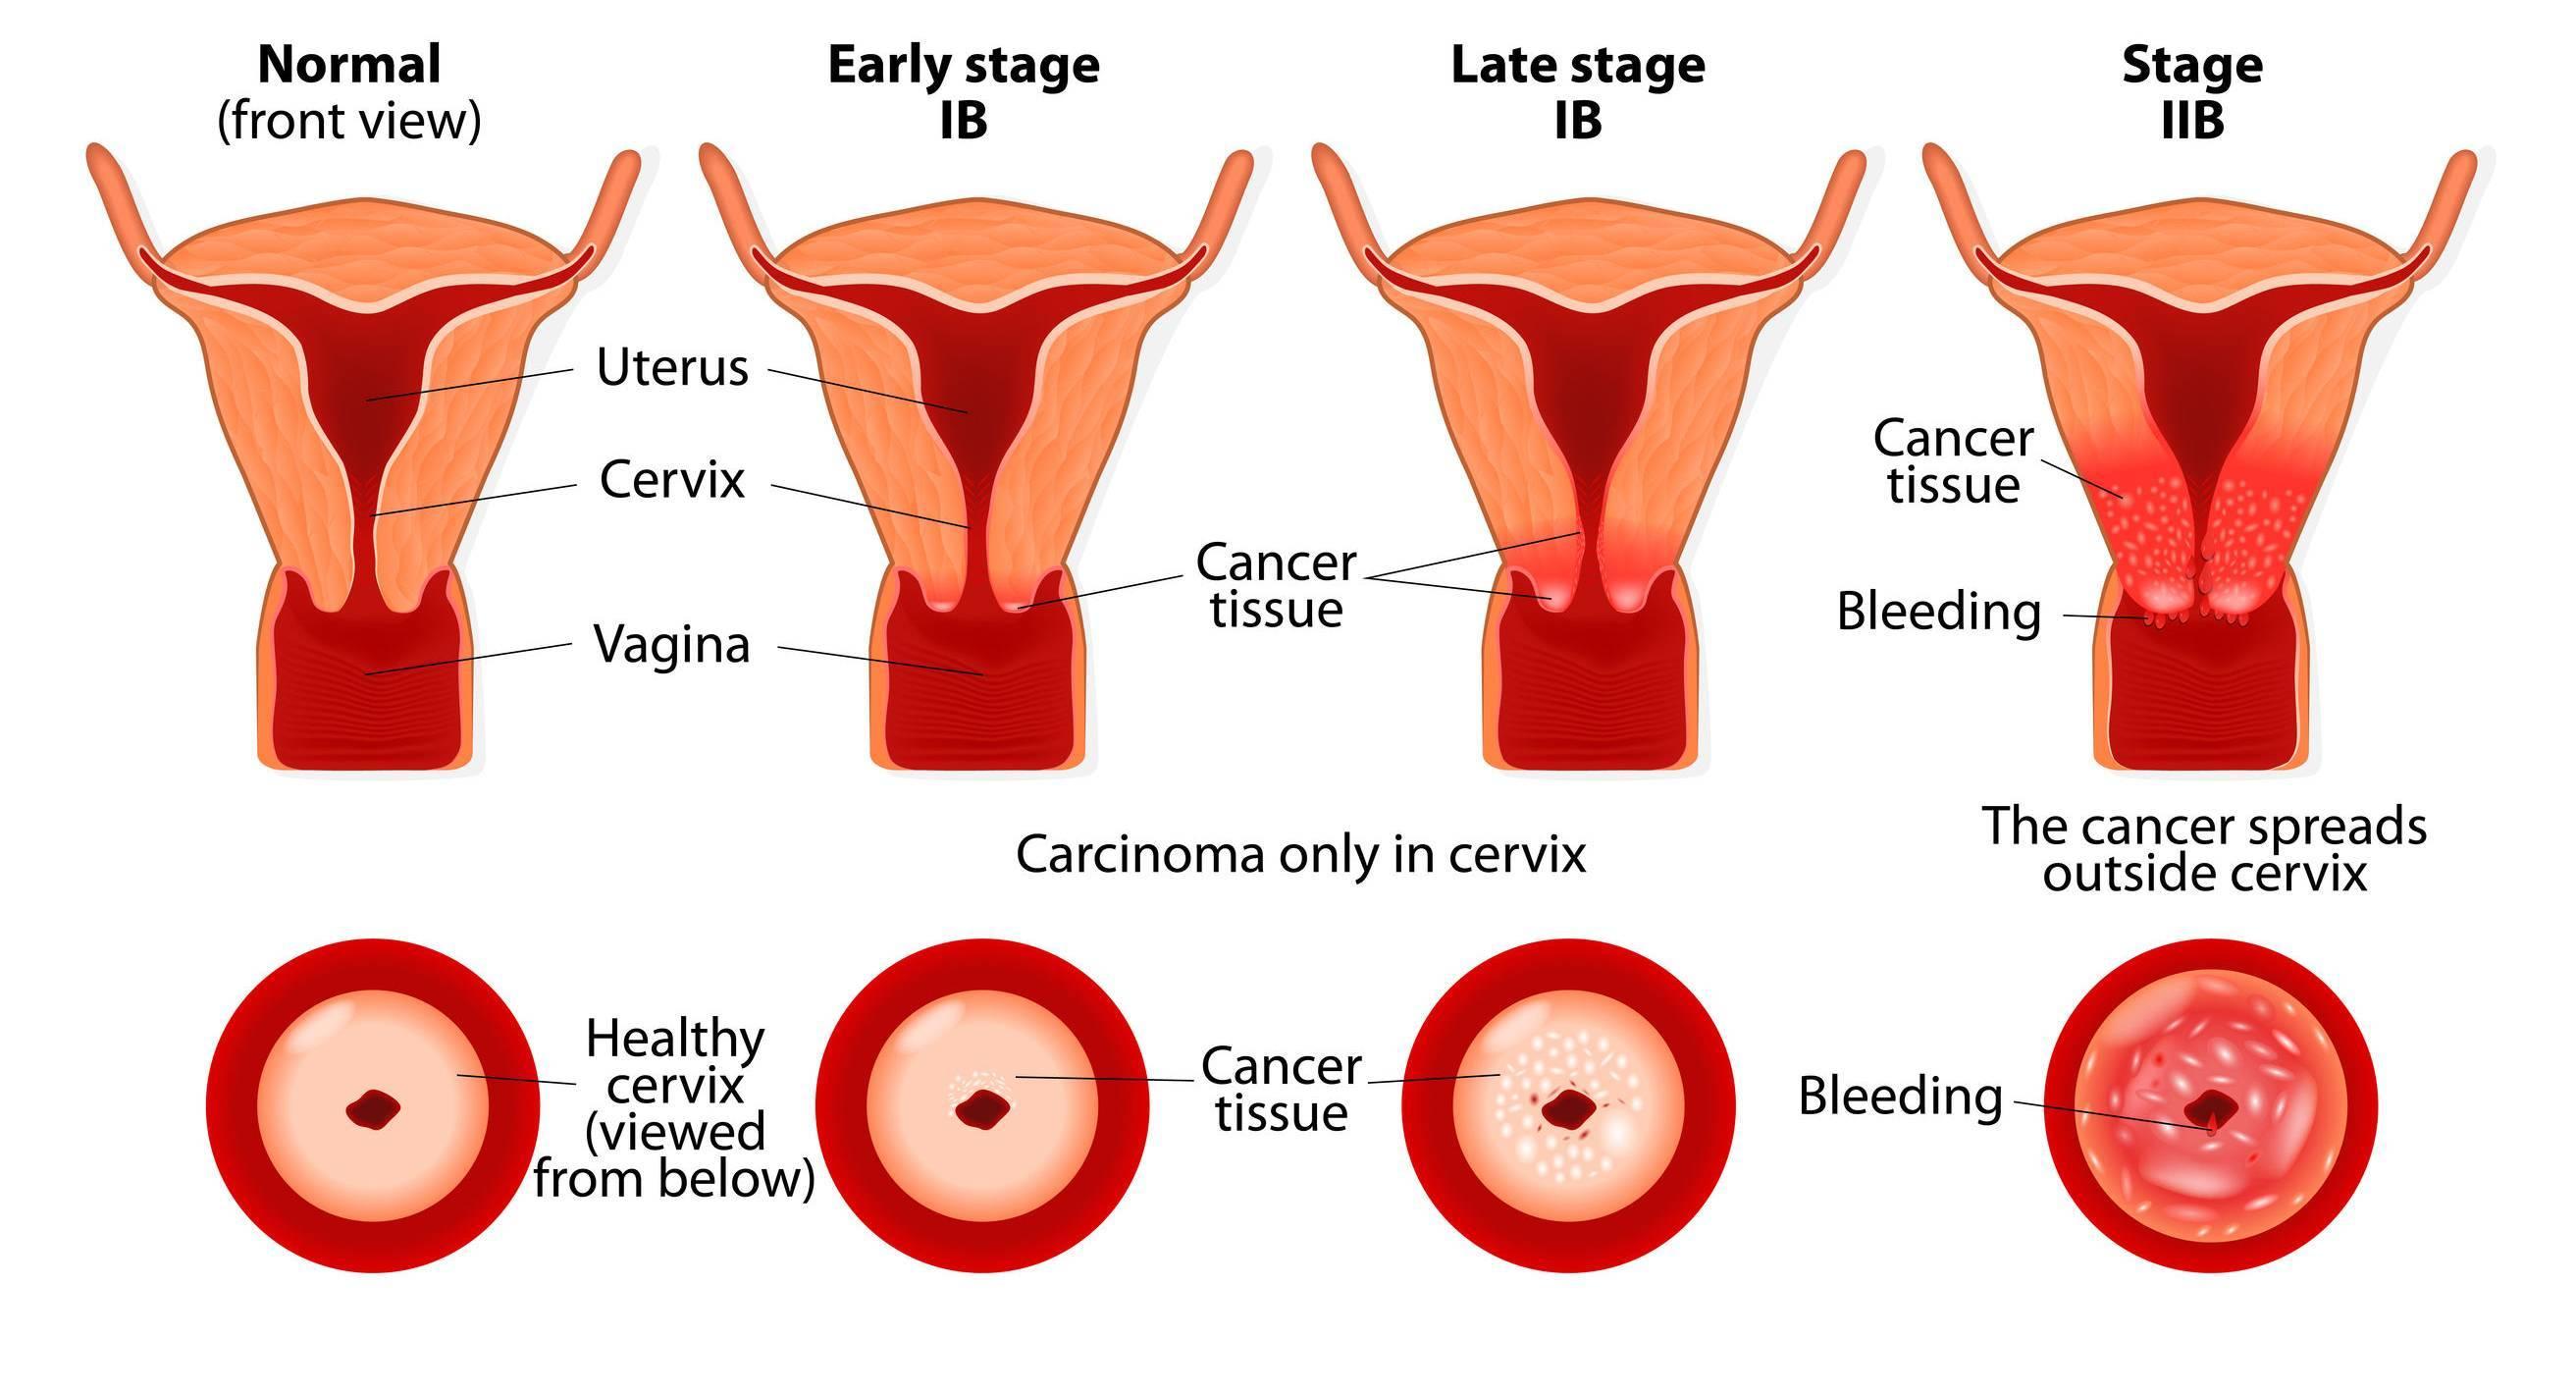 После чистки матки сколько идет кровь, что нельзя делать? - народная медицина